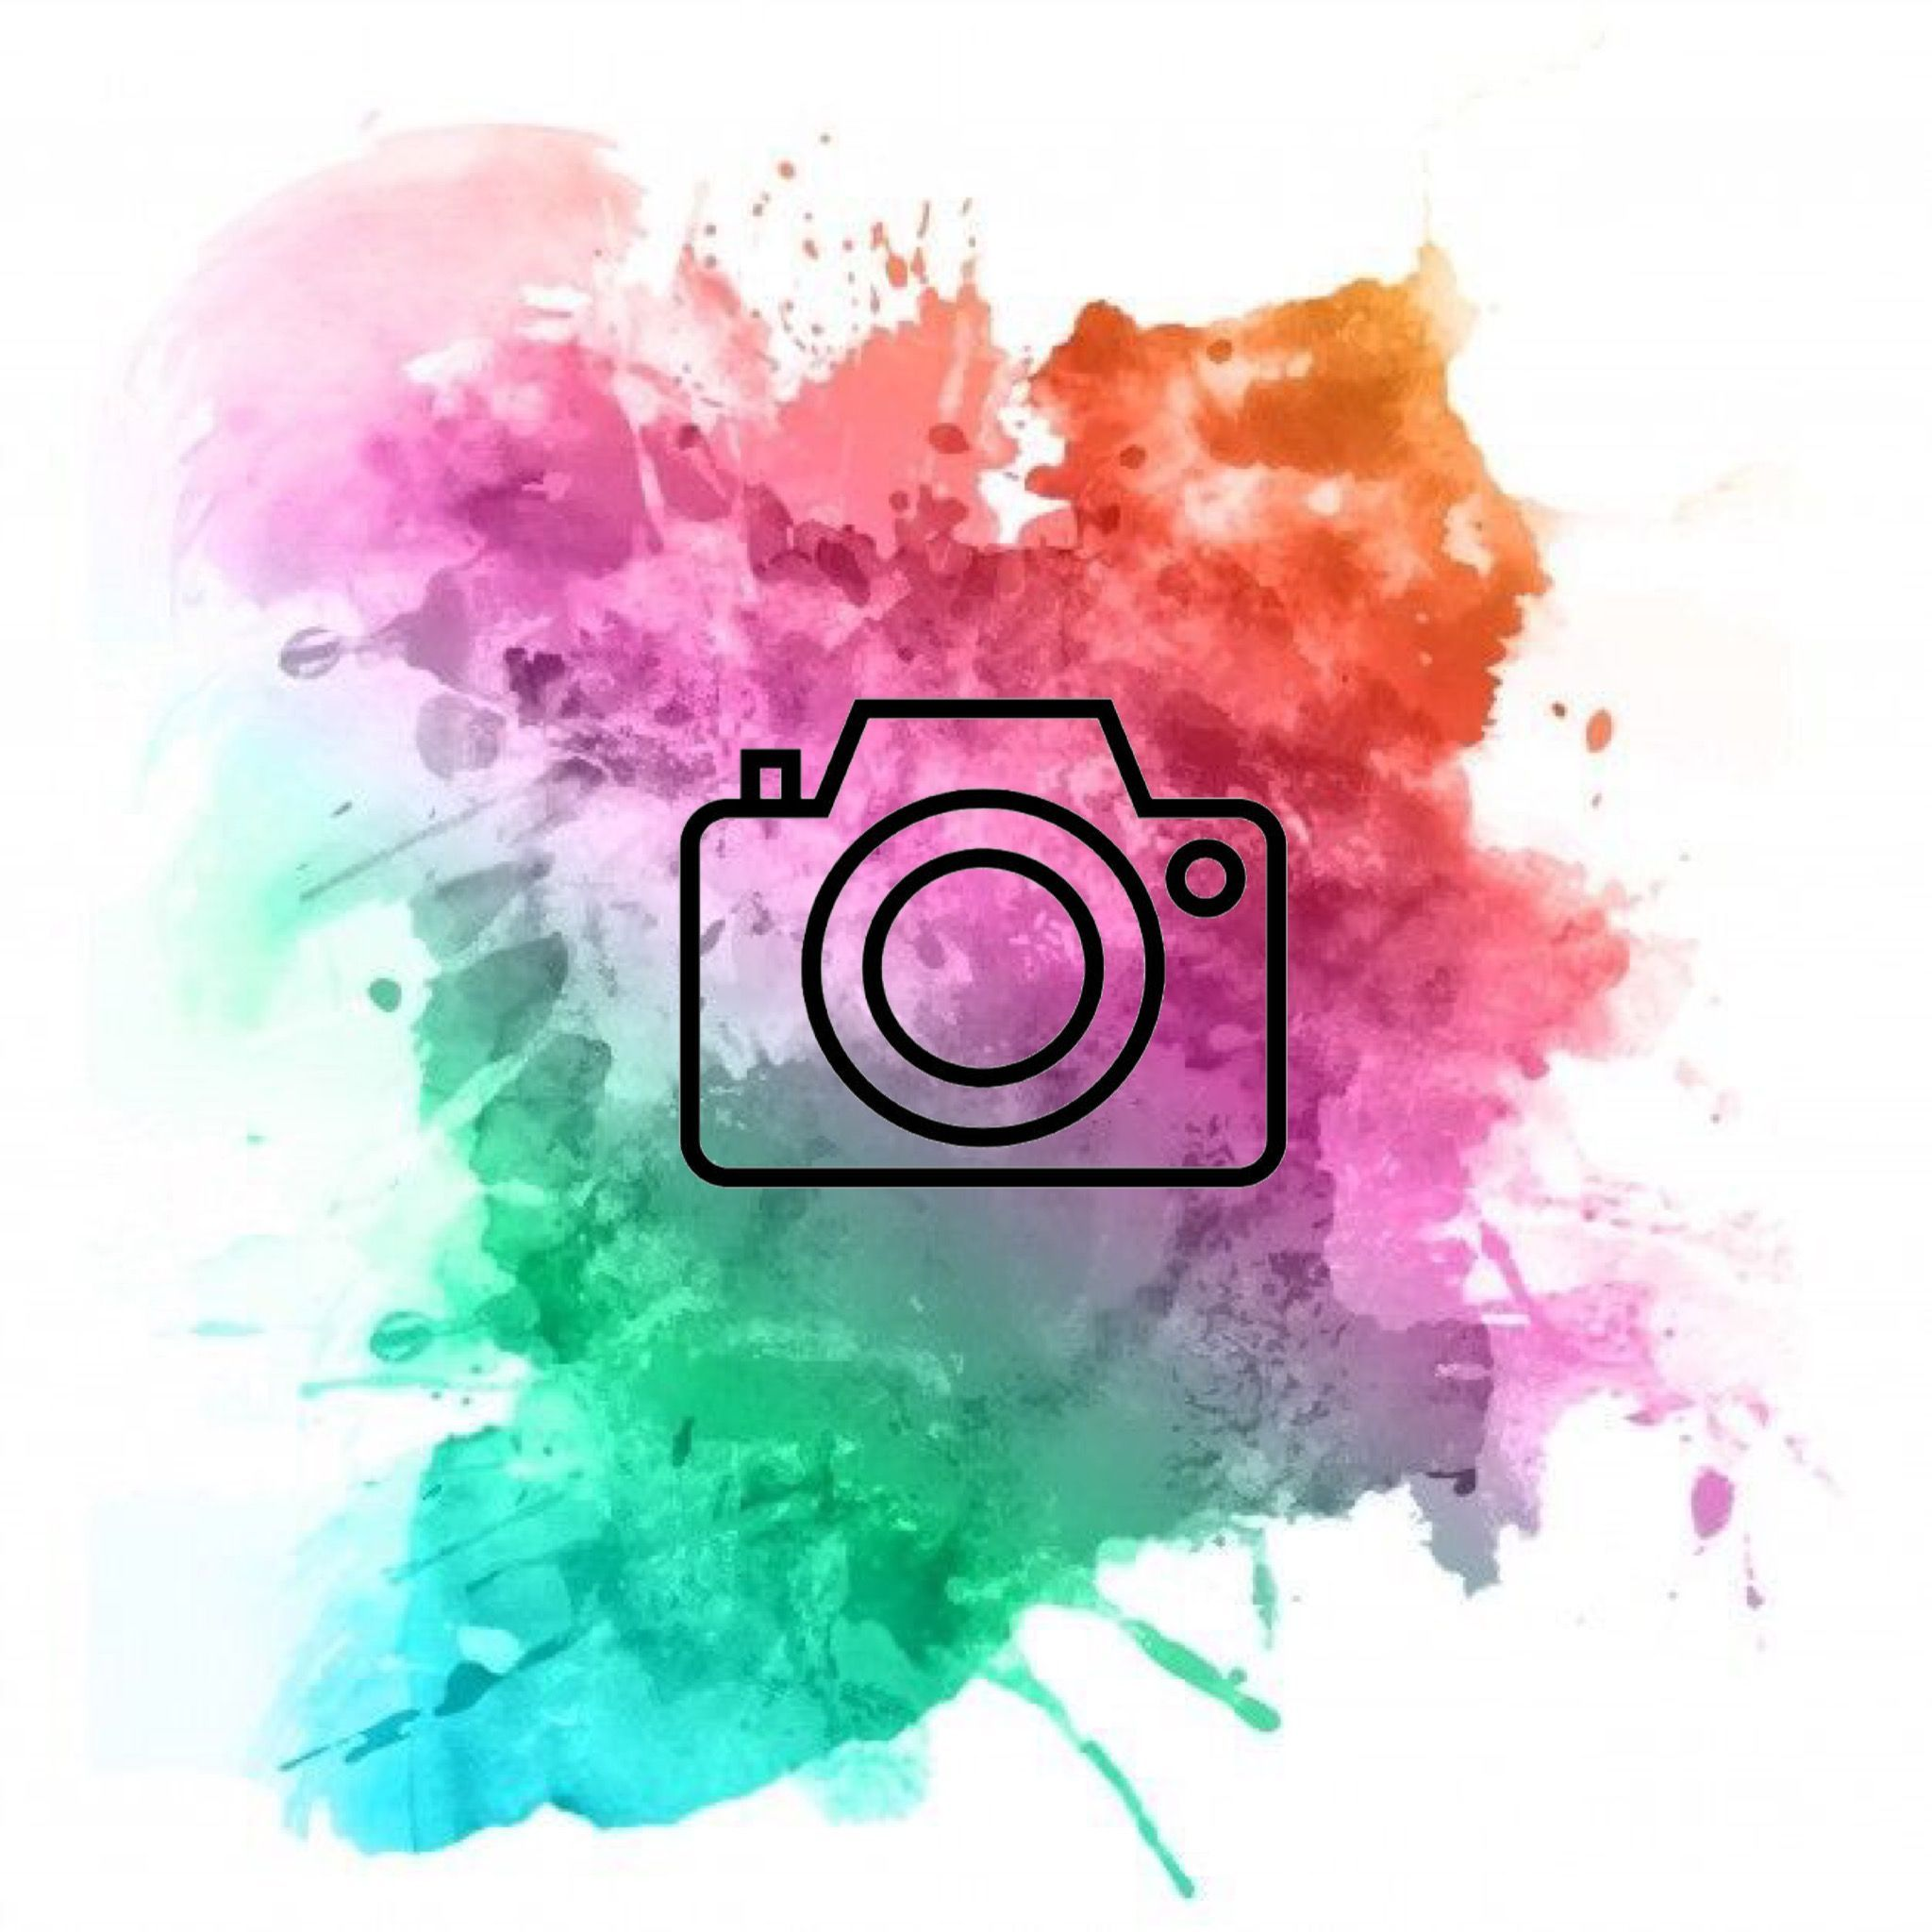 486c4016 destaques instagram Instagram highlight